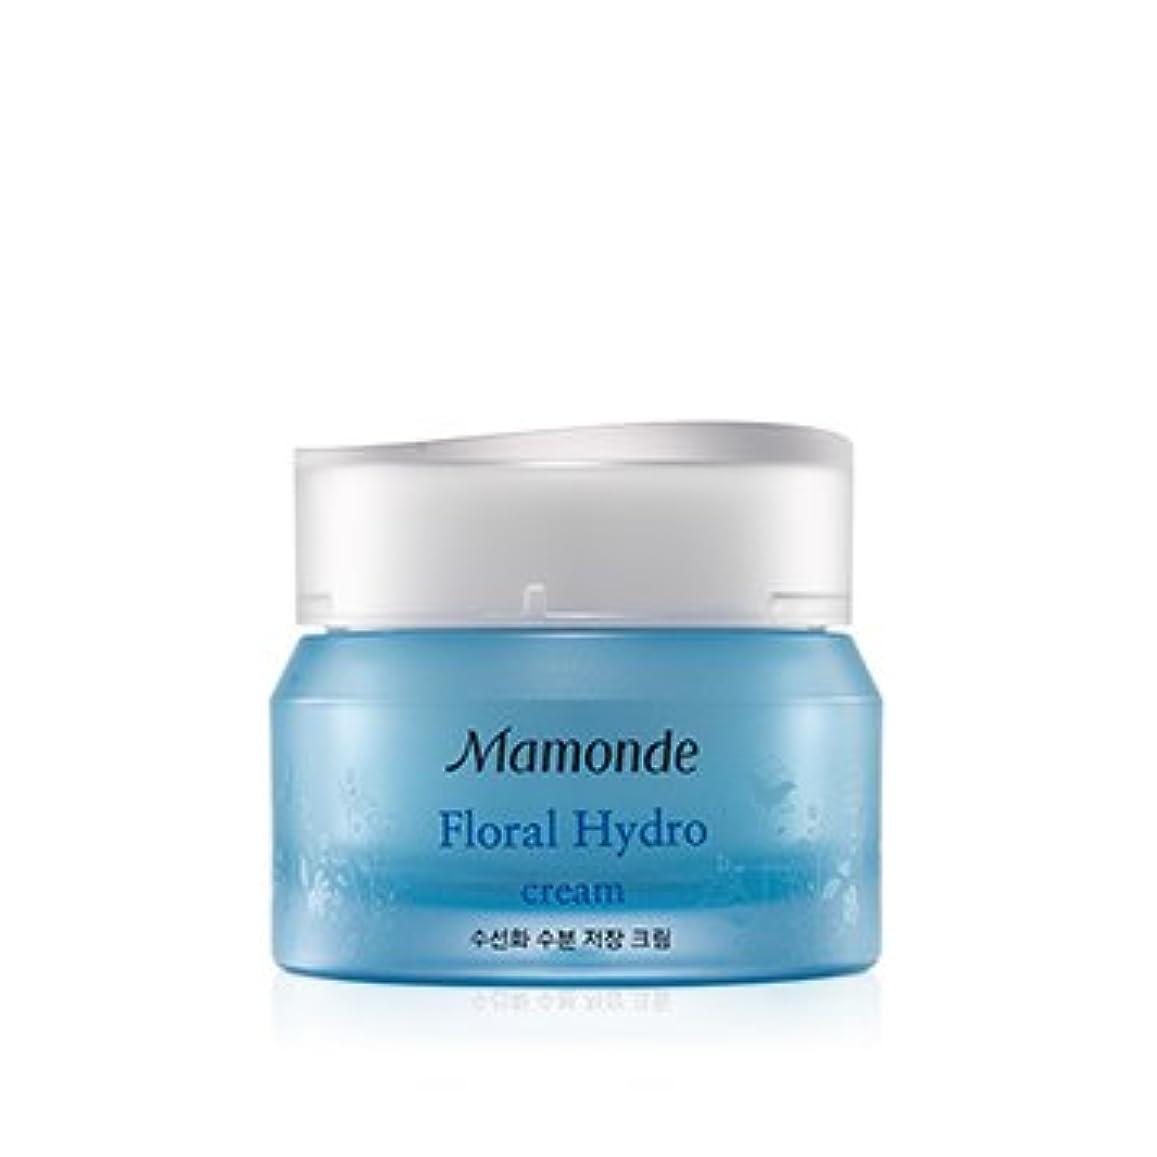 ポジション任命する魅力的[2017 New] Mamonde Floral Hydro Cream 50ml/マモンド フローラル ハイドロ クリーム 50ml [並行輸入品]